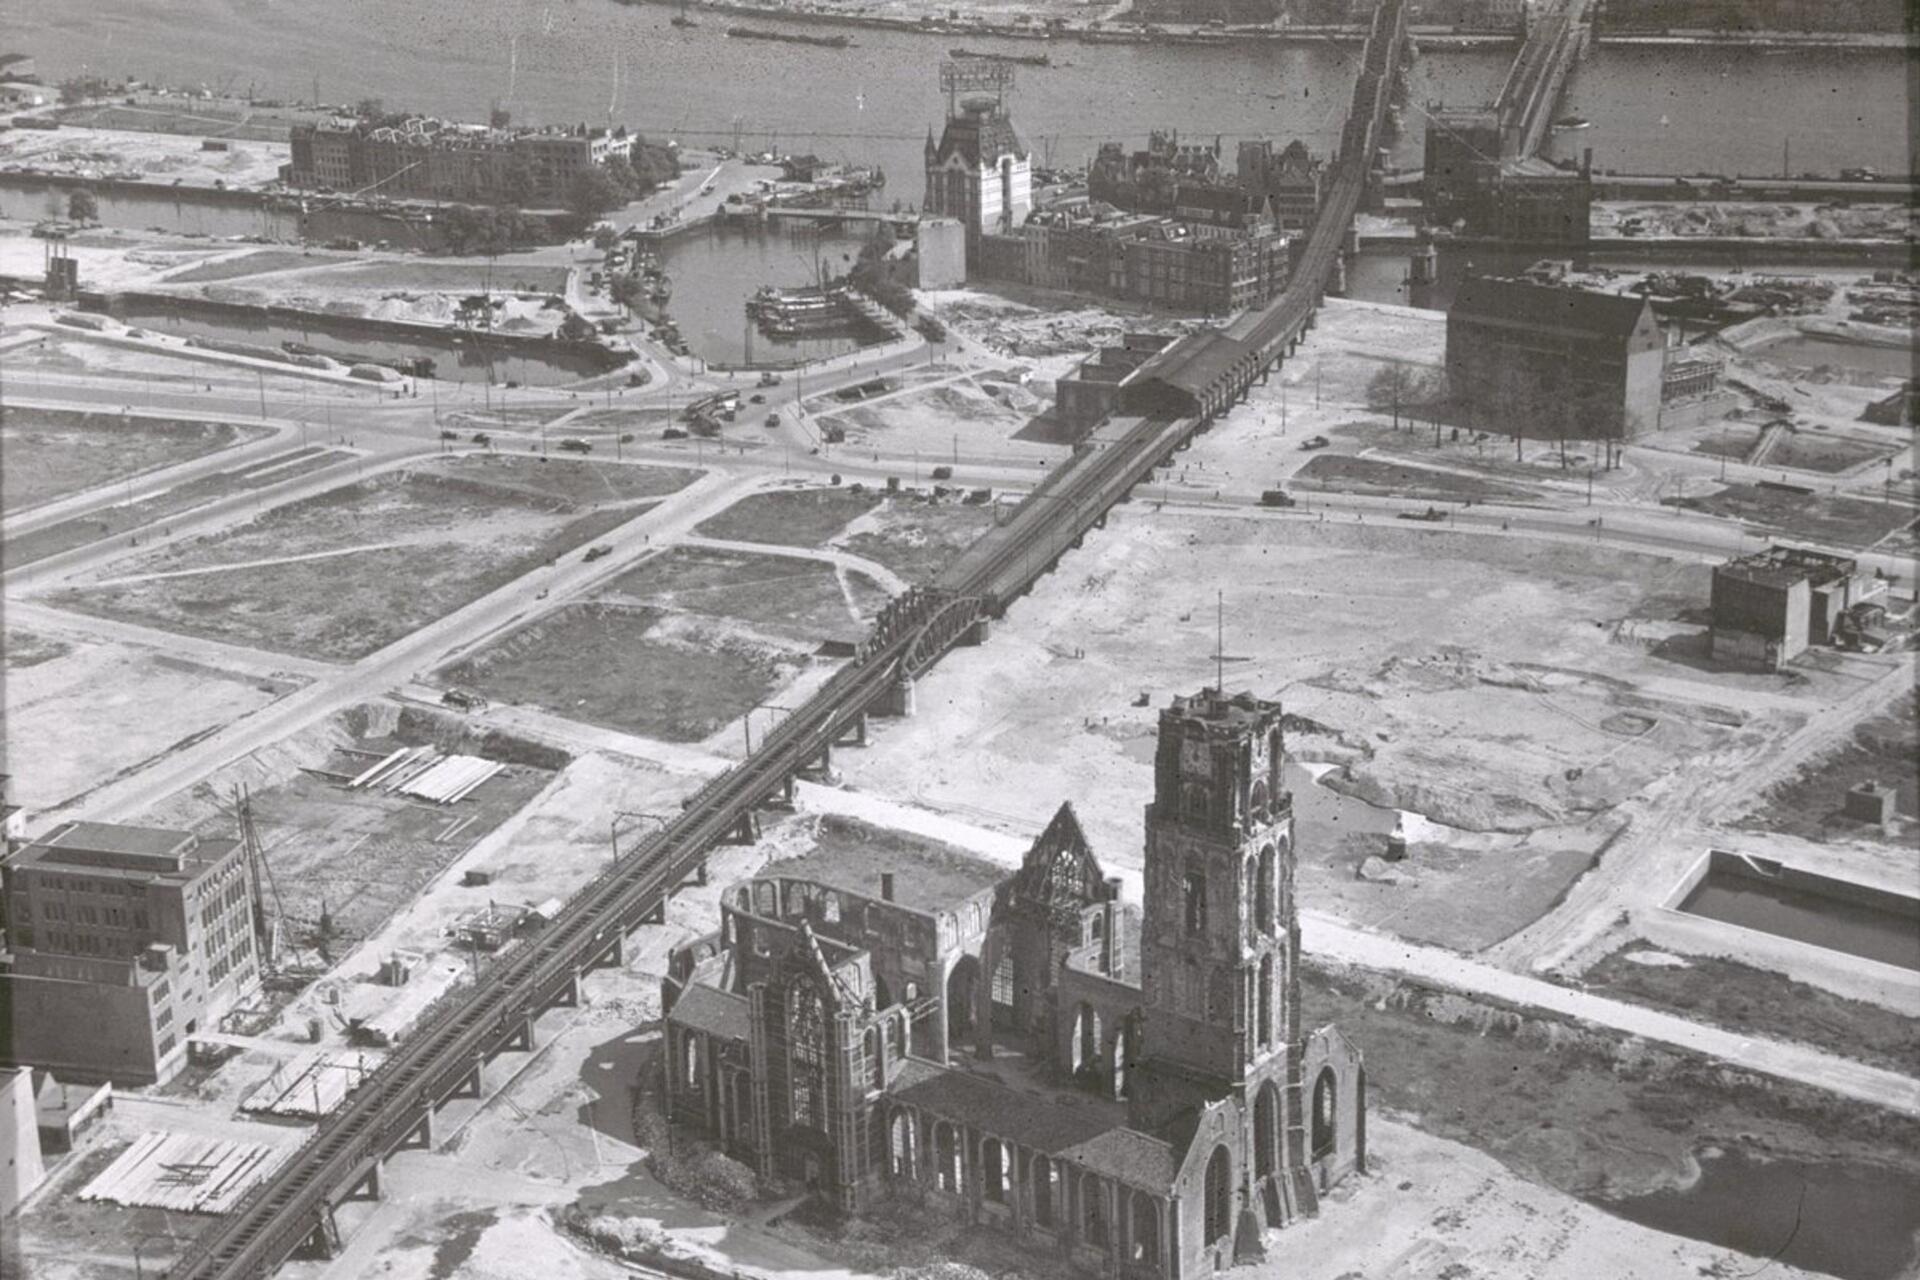 Luchtfoto Rotterdam 1940 met op de achtergrond het Witte Huis (image courtesy of Rijksdienst voor het Cultureel Erfgoed)